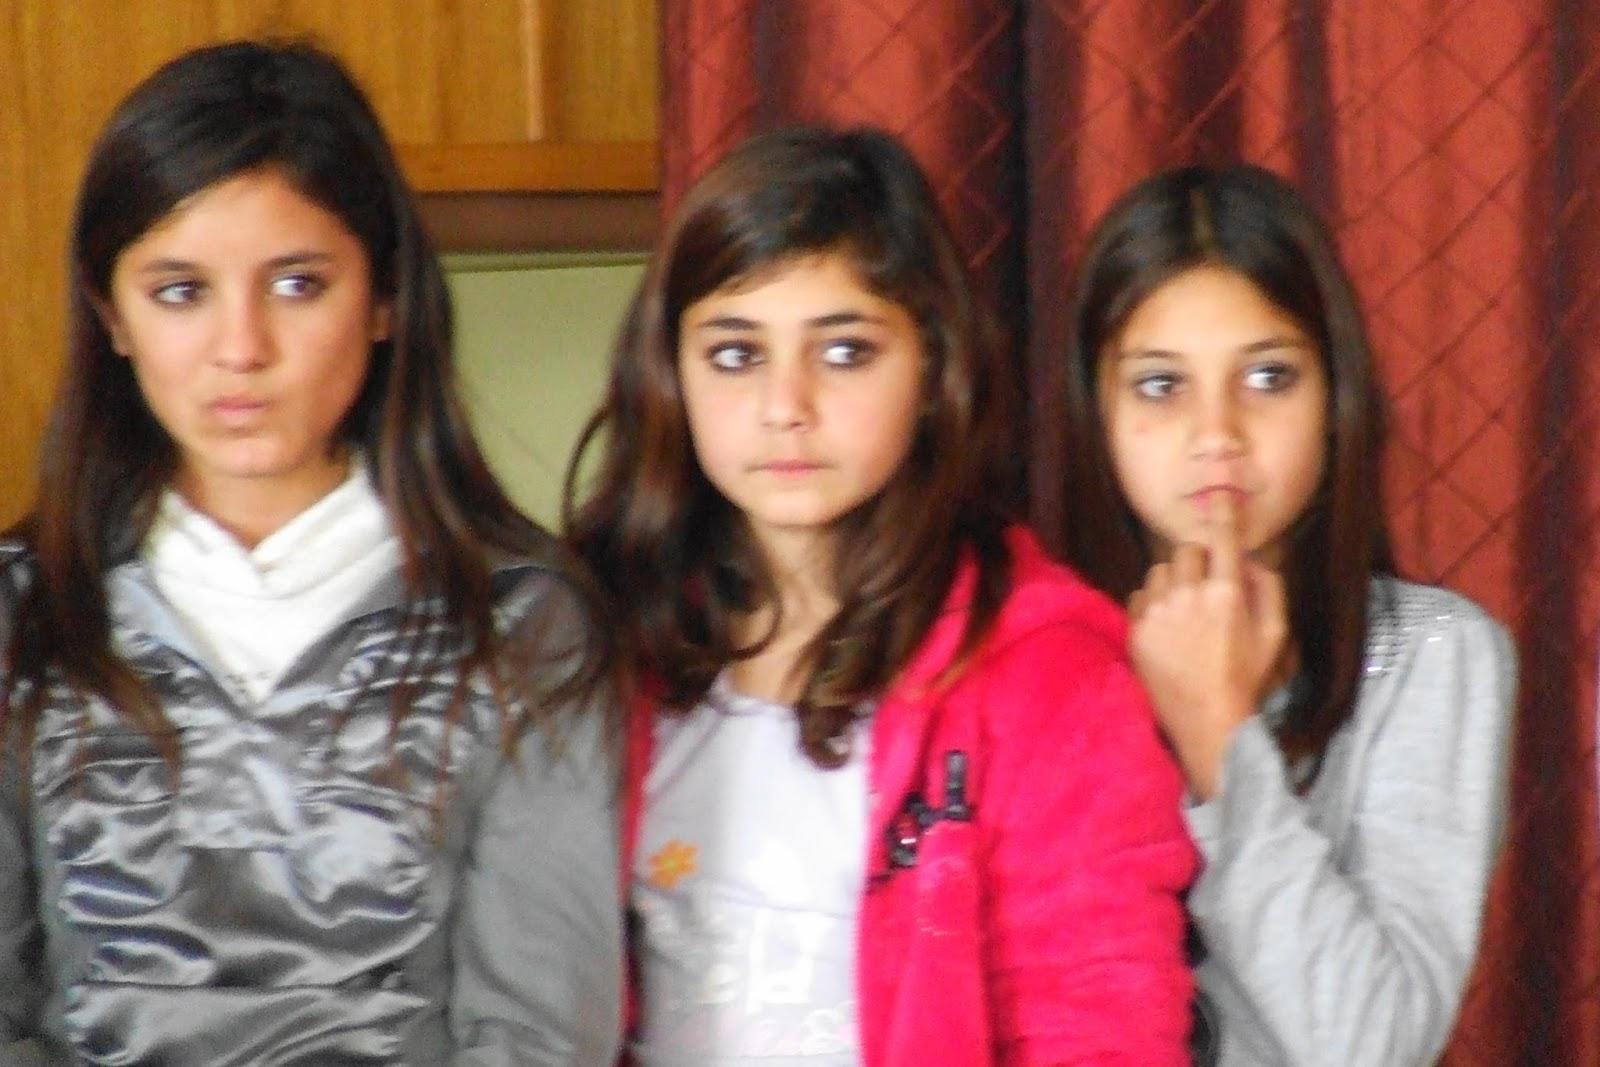 Über rumänische Mädchen